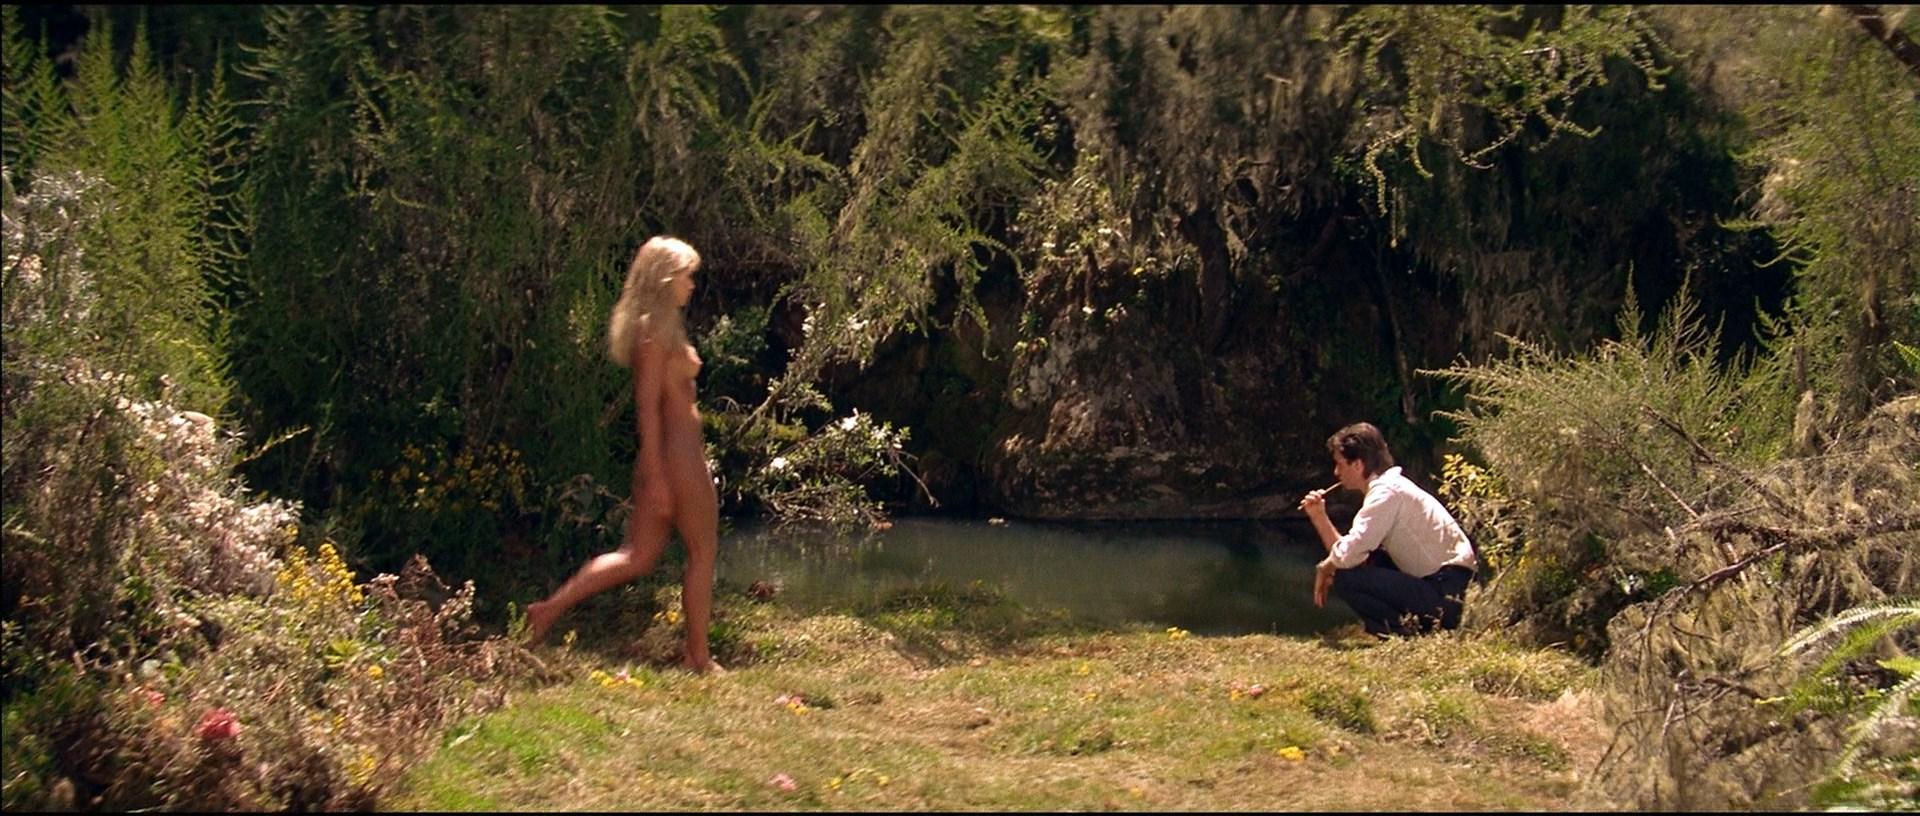 Tanya roberts sheena naked